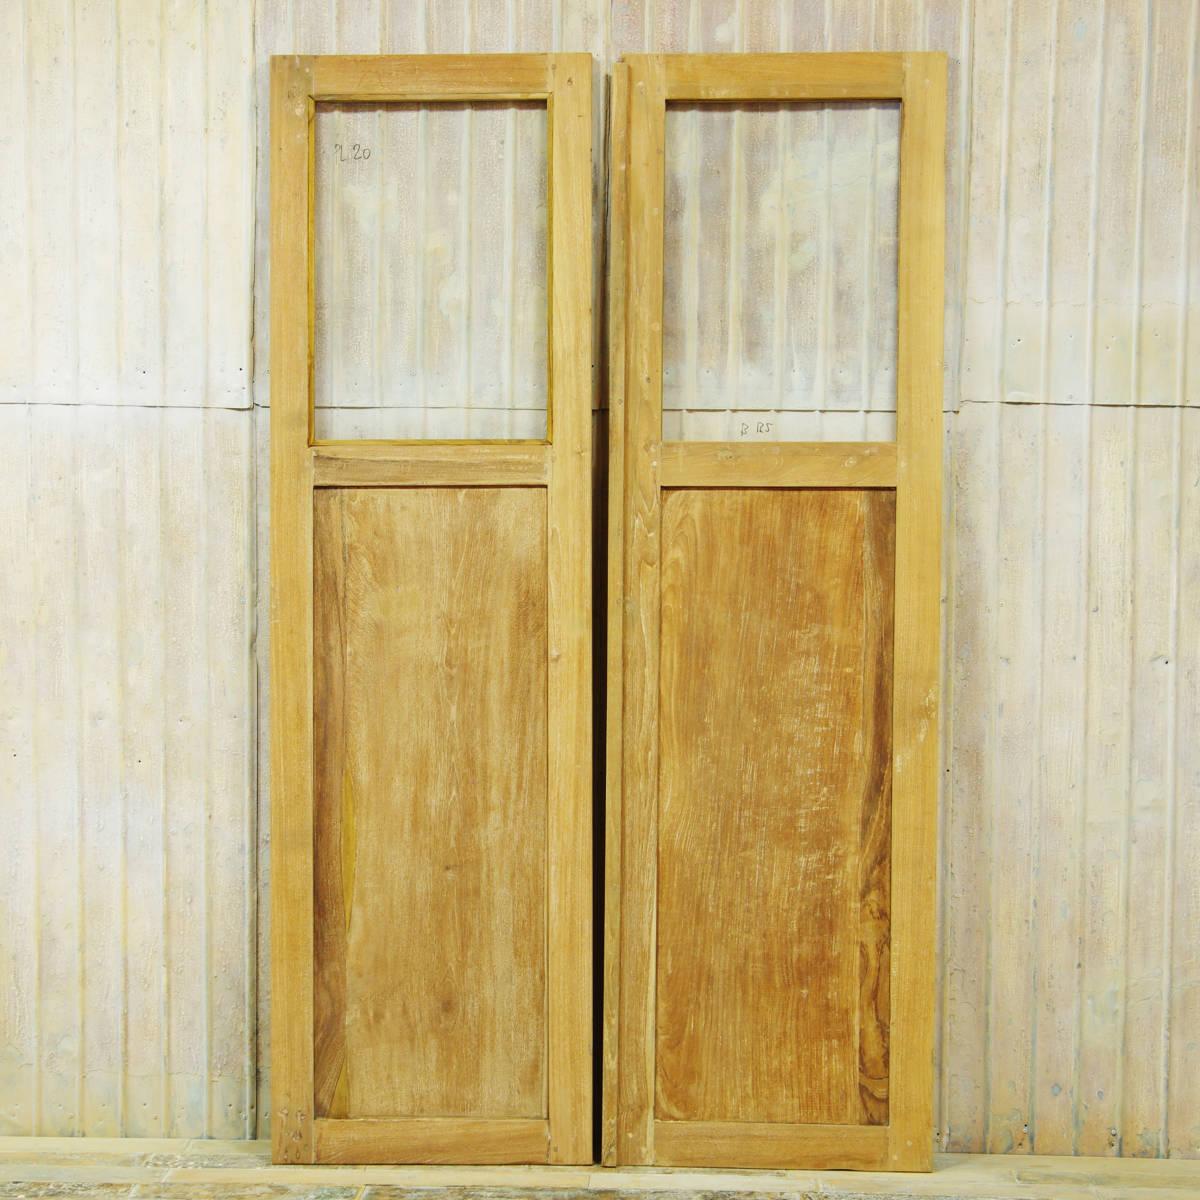 S152〓W114×H198 ドアノブ外し穴修復済み 観音開きアンティークチークのドア 2枚組 無塗装 店舗リノベーション 扉 古い洋館の木製建具 ftg